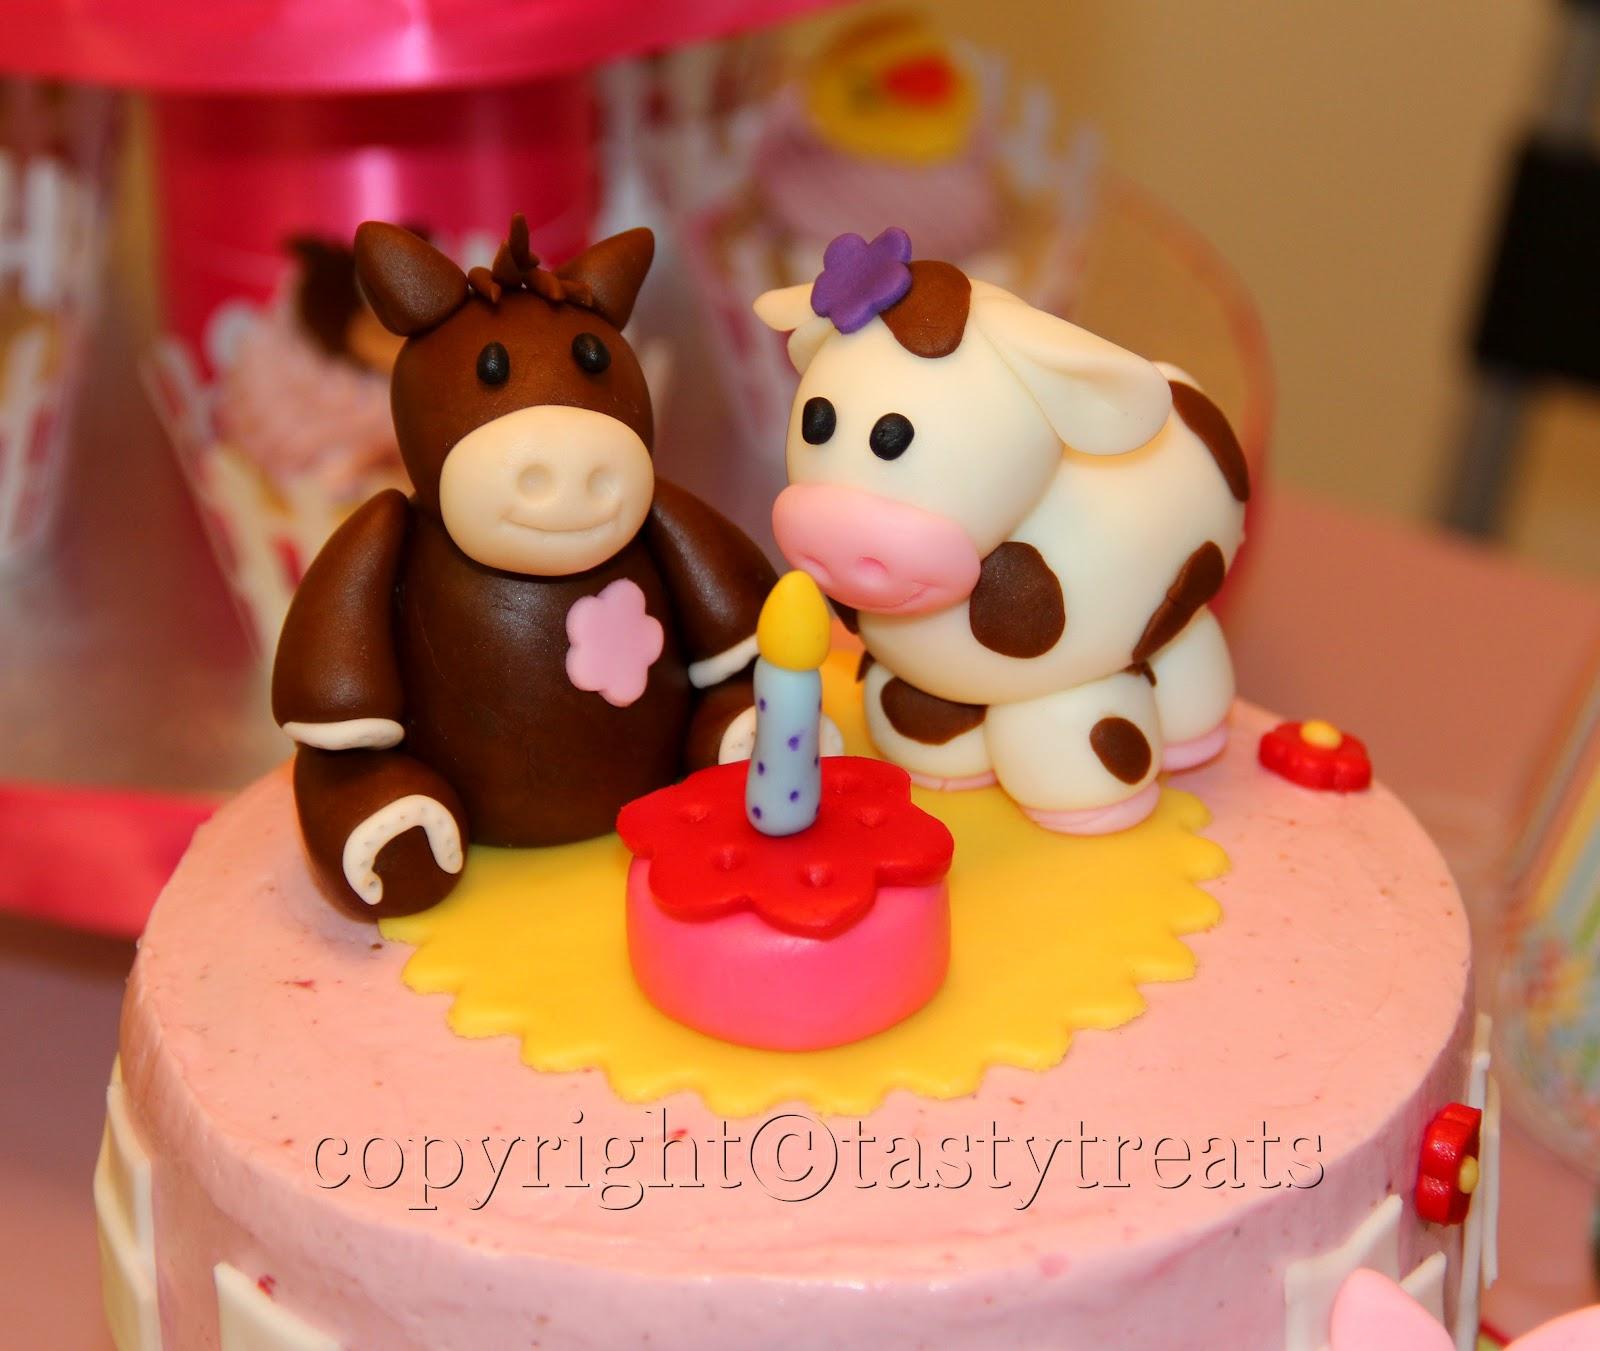 Tasty Treats The Birthday Cakes